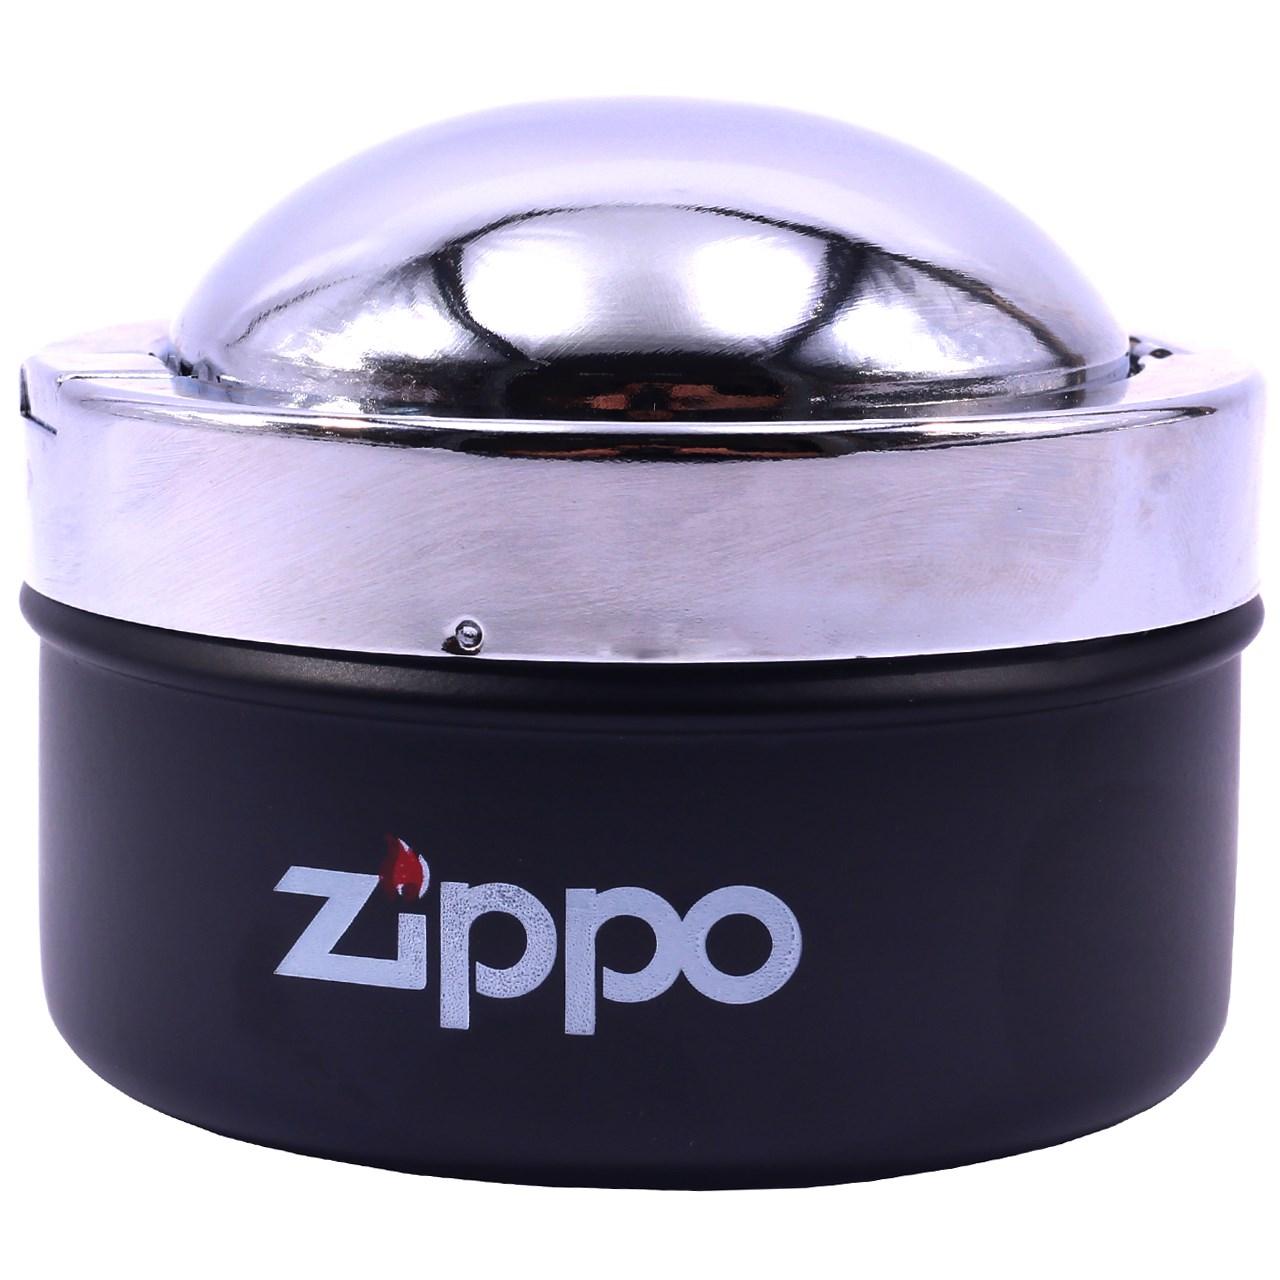 زیر سیگاری واته مدلZippo 137